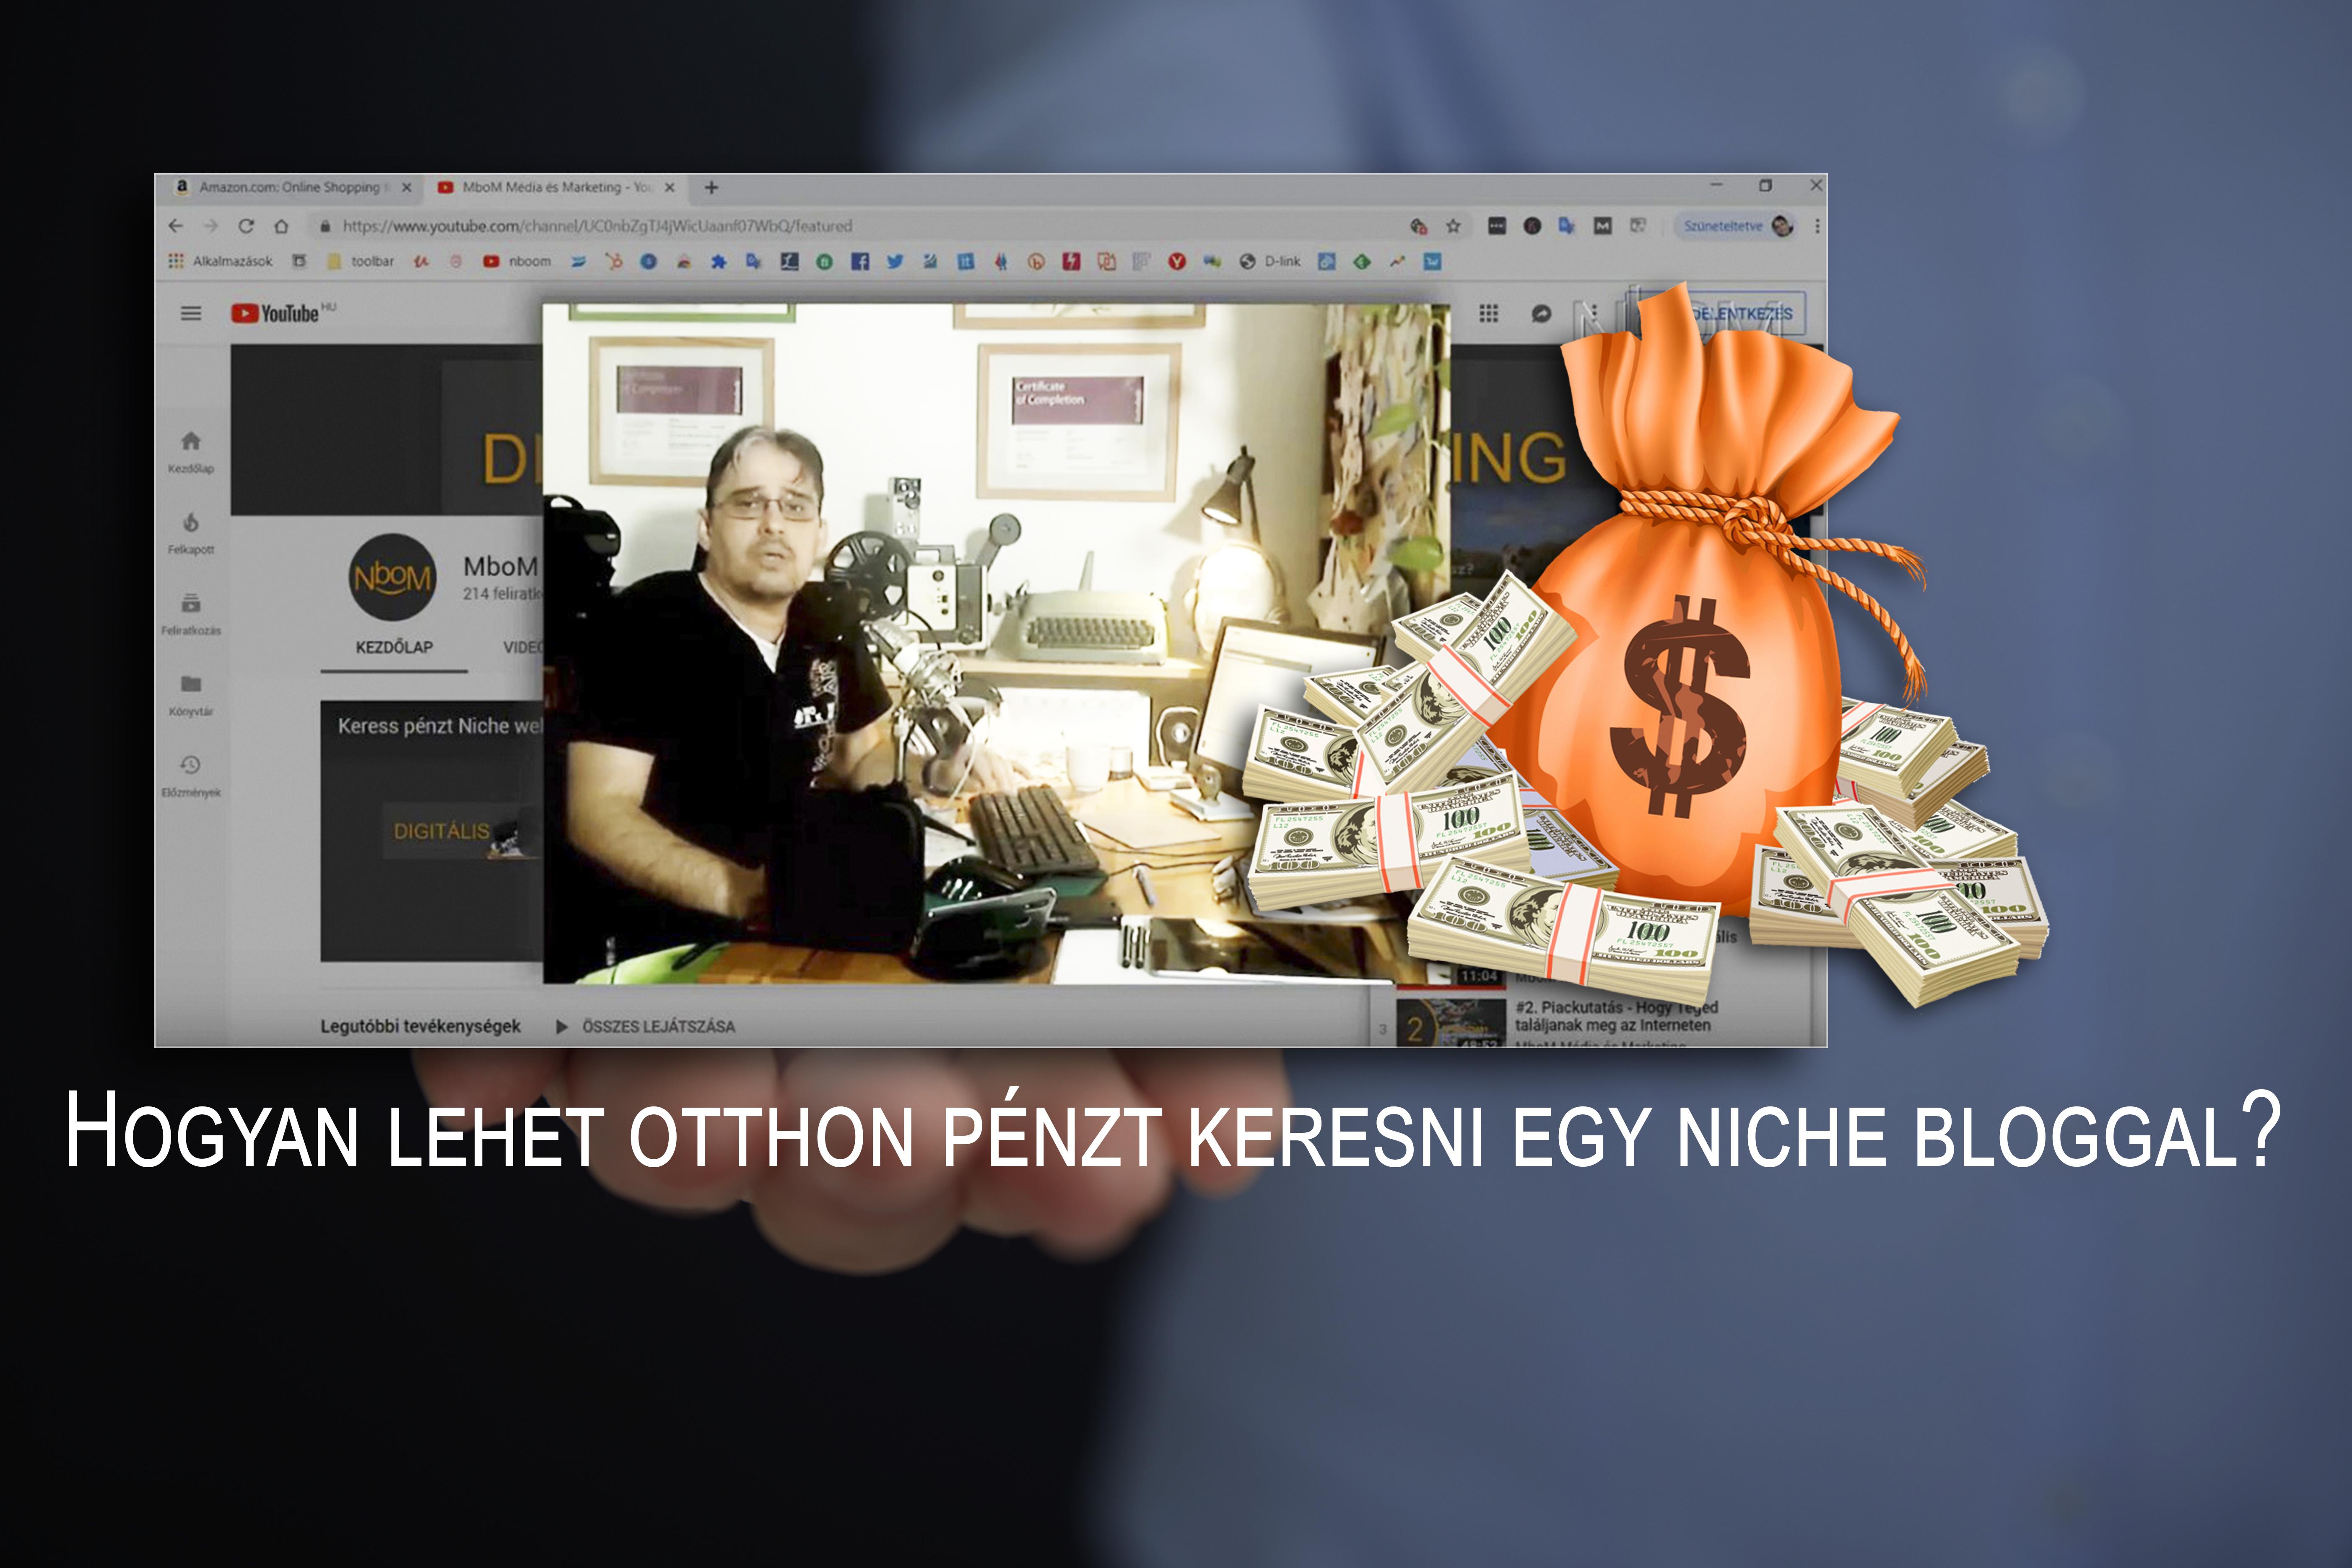 segít valódi pénzt keresni)